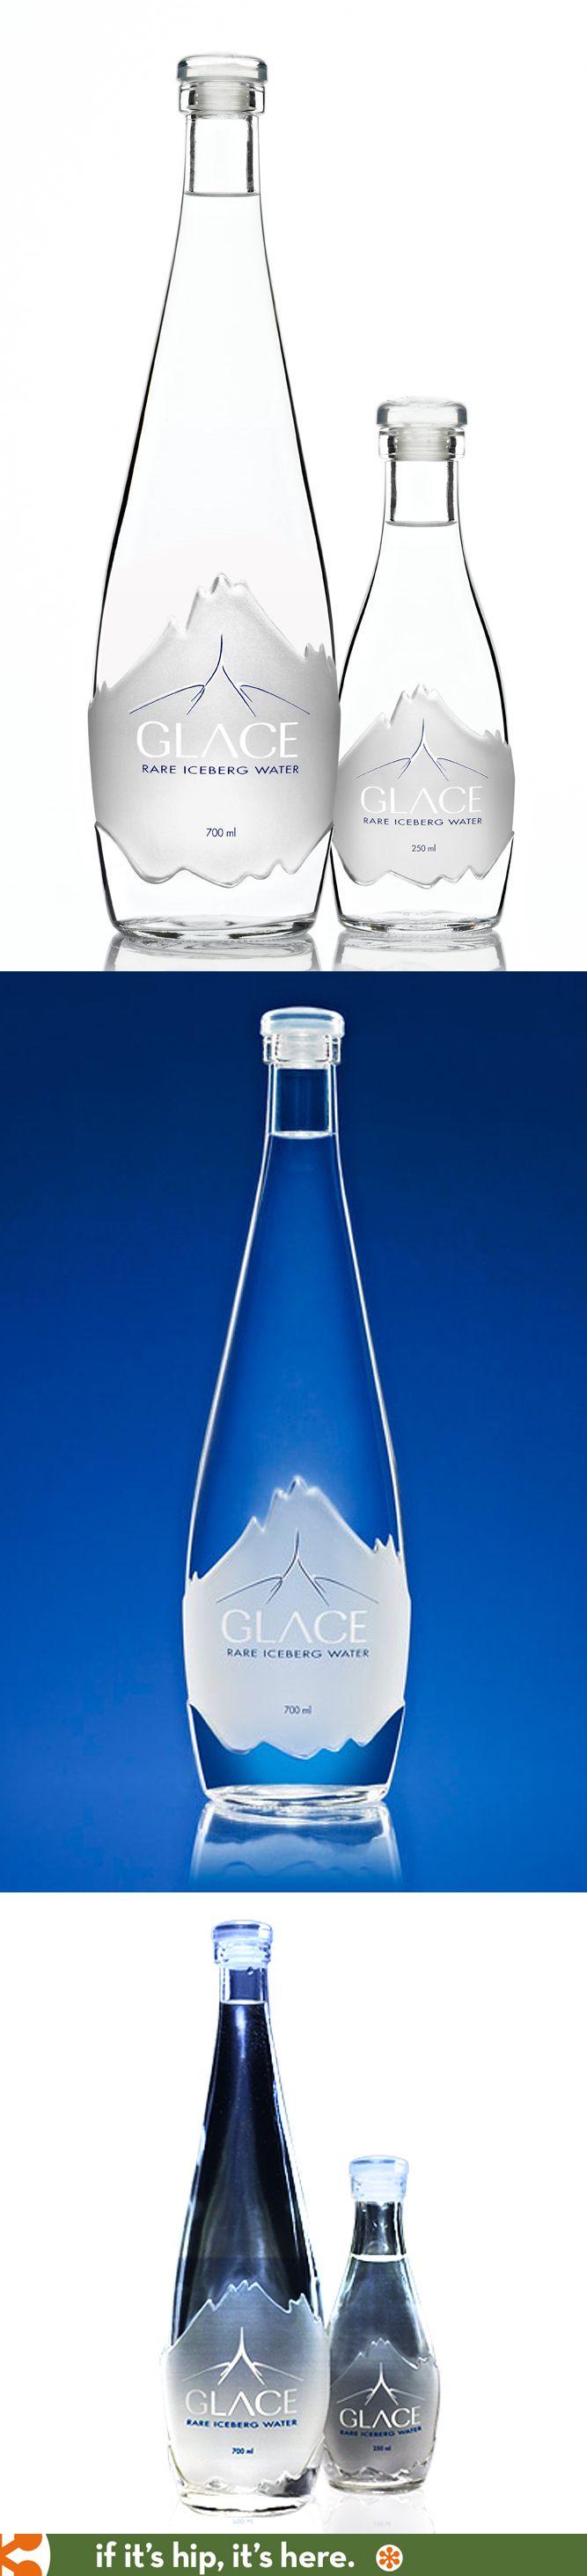 Glace Rare Iceberg Water in lovely bottles.